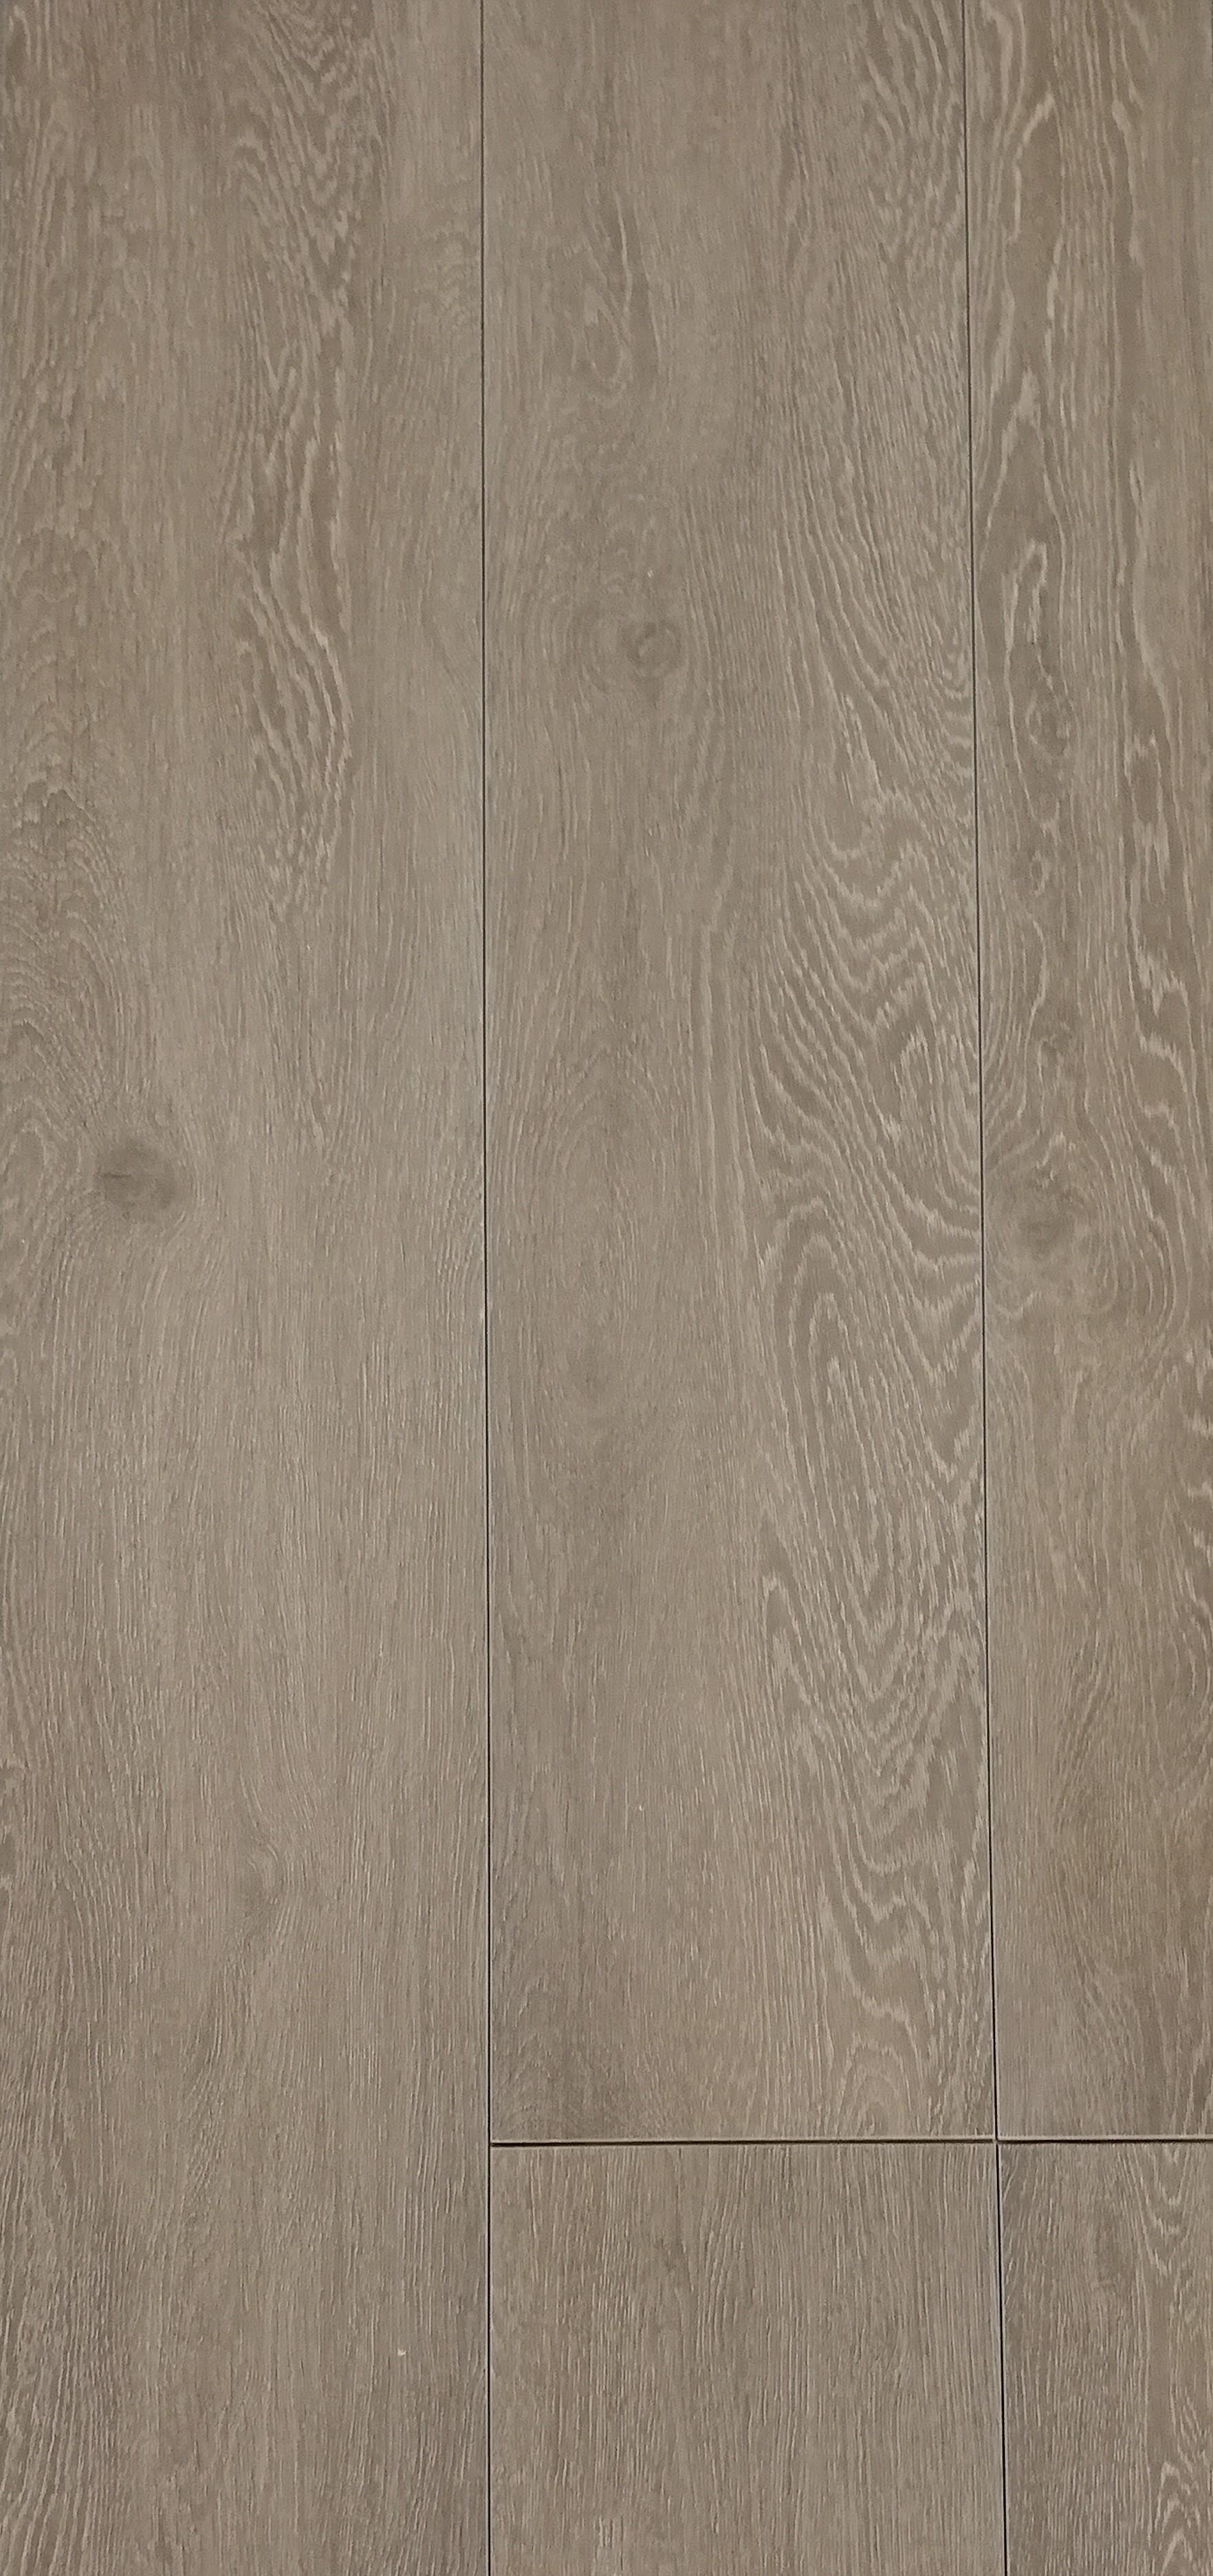 Cera Per Gres Effetto Legno gres porcellanato effetto legno moro 30x120